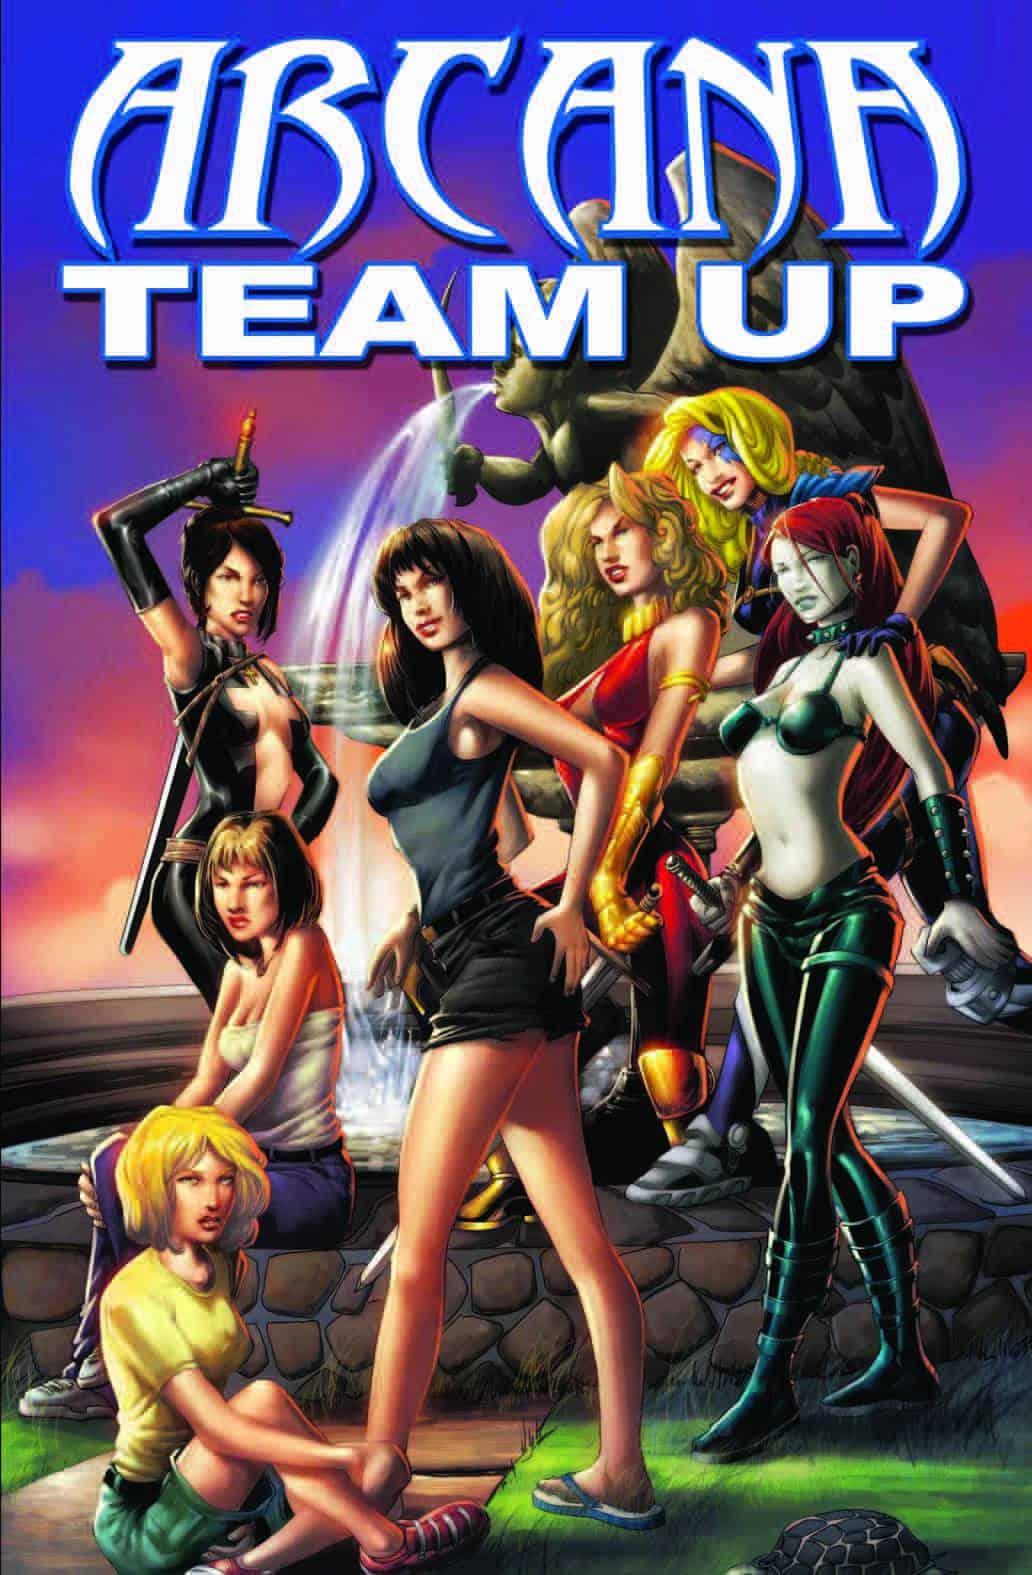 Arcana Team Up 2